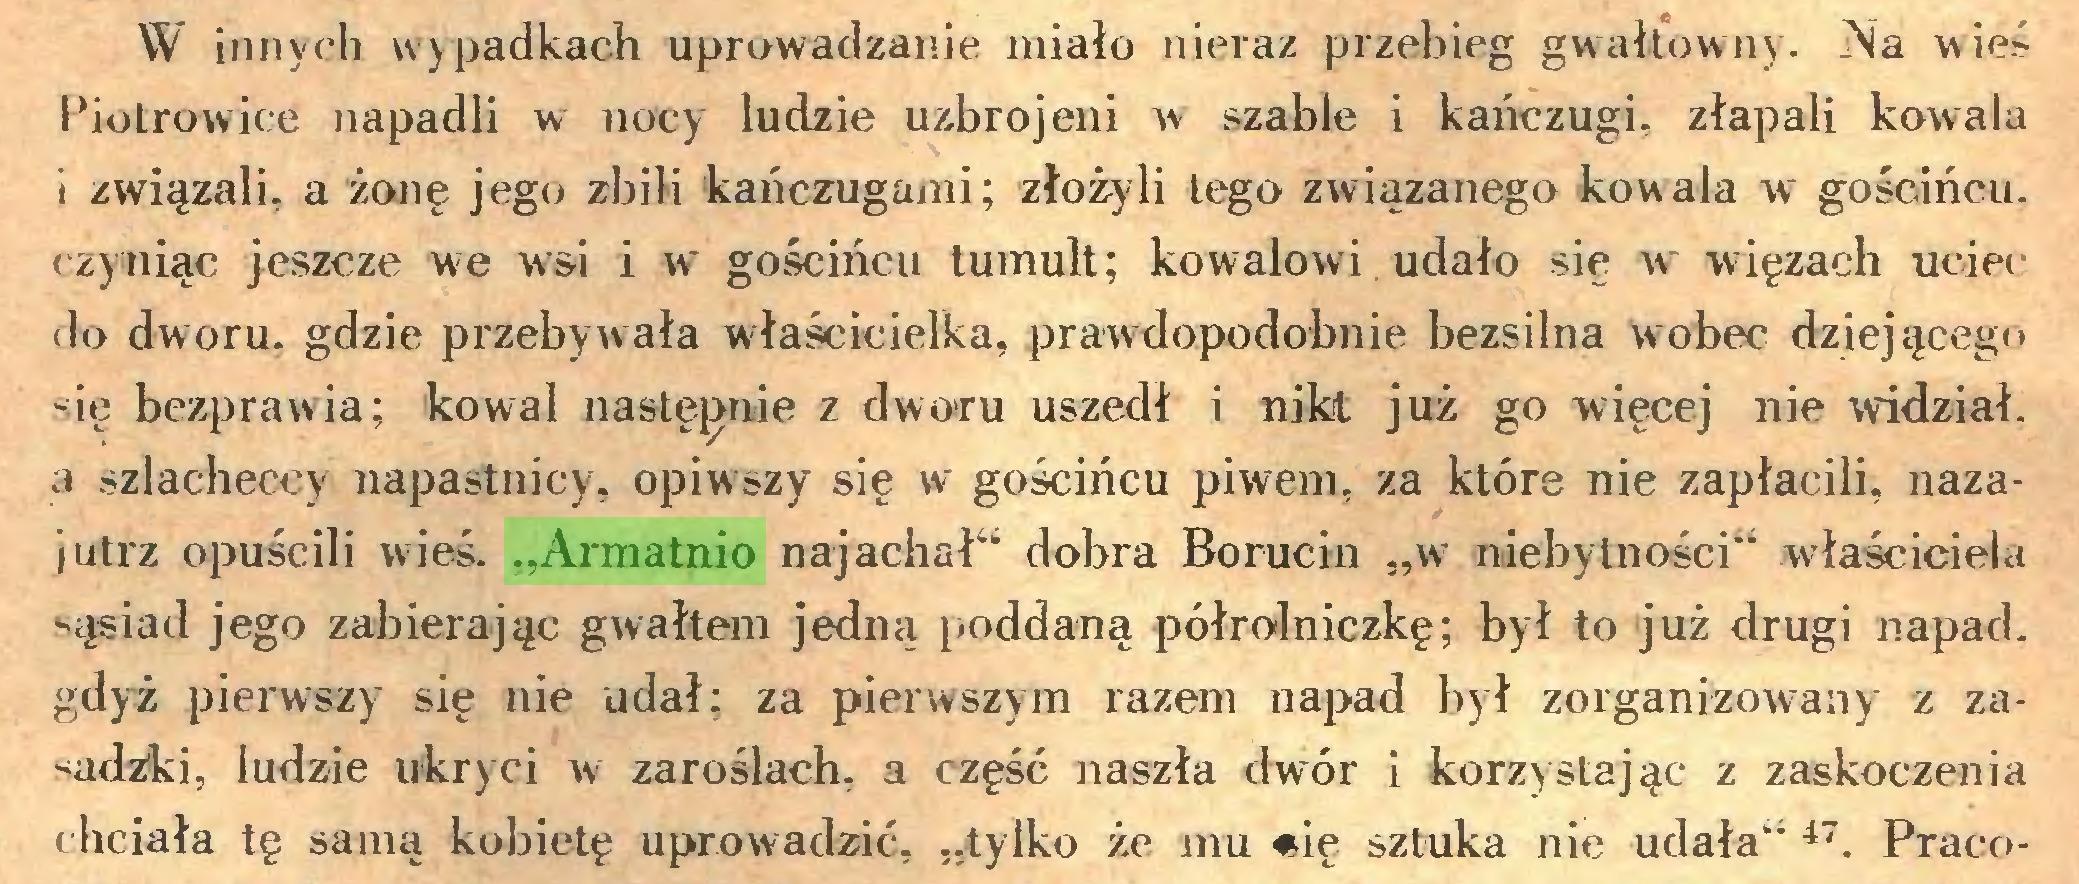 """(...) W innych wypadkach uprowadzanie miało nieraz przebieg gwałtowny. Na wieś Piotrowice napadli w nocy ludzie uzbrojeni w szable i kańczugi, złapali kowala i związali, a żonę jego zbili 'kańczugami; złożyli lego związanego kowala w gościńcu, czyniąc jeszcze we w'si i w gościńcu tumult; kowalowi udało się w więzach uciec do dworu, gdzie przebywała właścicielka, prawdopodobnie bezsilna wobec dziejącego się bezprawia; kowal następnie z dwo»ru uszedł i nikt już go więcej nie widział, a szlacheccy napastnicy, opiwszy się w gościńcu piwem, za które nie zapłacili, nazajutrz opuścili wieś. """"Armatnio naj achał"""" dobra Borucin """"w niebytności"""" właściciela sąsiad jego zabierając gwałtem jedną poddaną półrolniczkę; był to już drugi napad, gdyż pierwszy się nie udał; za pierwszym razem napad był zorganizowany z zasadzki, ludzie ukryci w zaroślach, a część naszła dwór i korzystając z zaskoczenia chciała tę samą kobietę uprowadzić, """"tylko że mu «ię sztuka nie udała"""" 47. Praco..."""